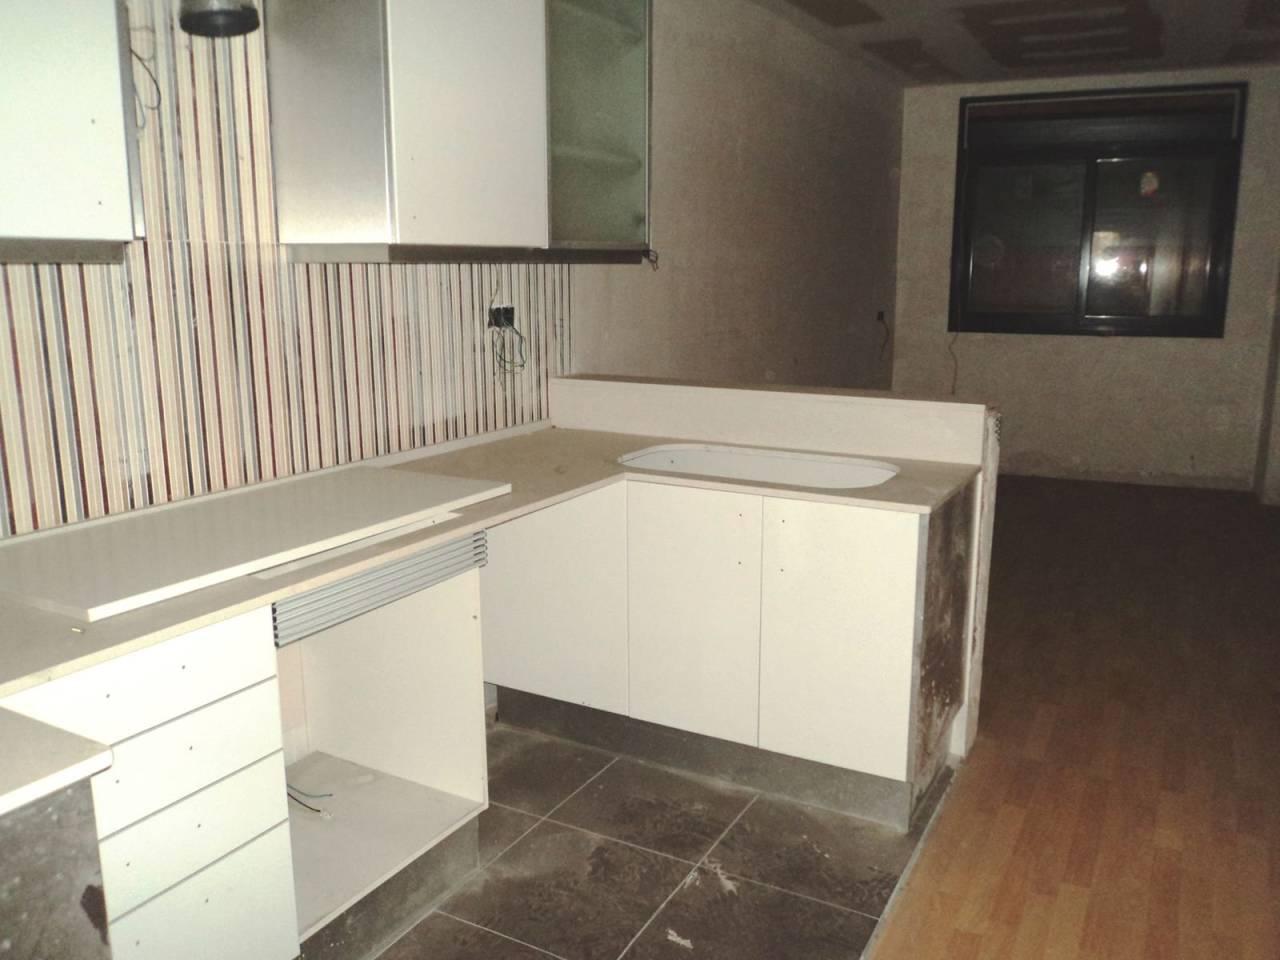 Inmueble singular en venta en Sant Quirze del Vallès